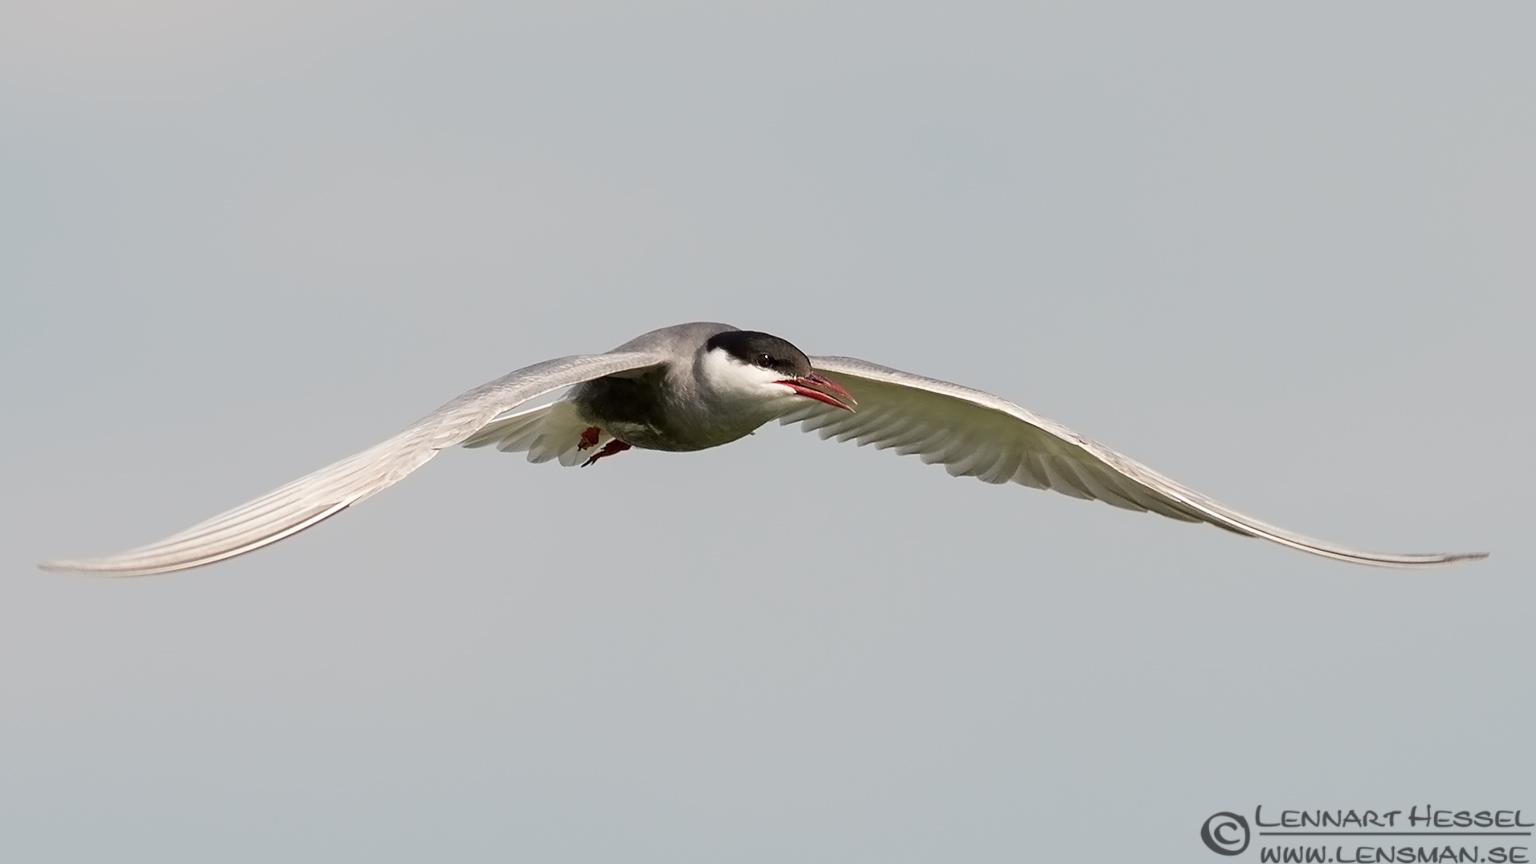 Whiskered Tern flight